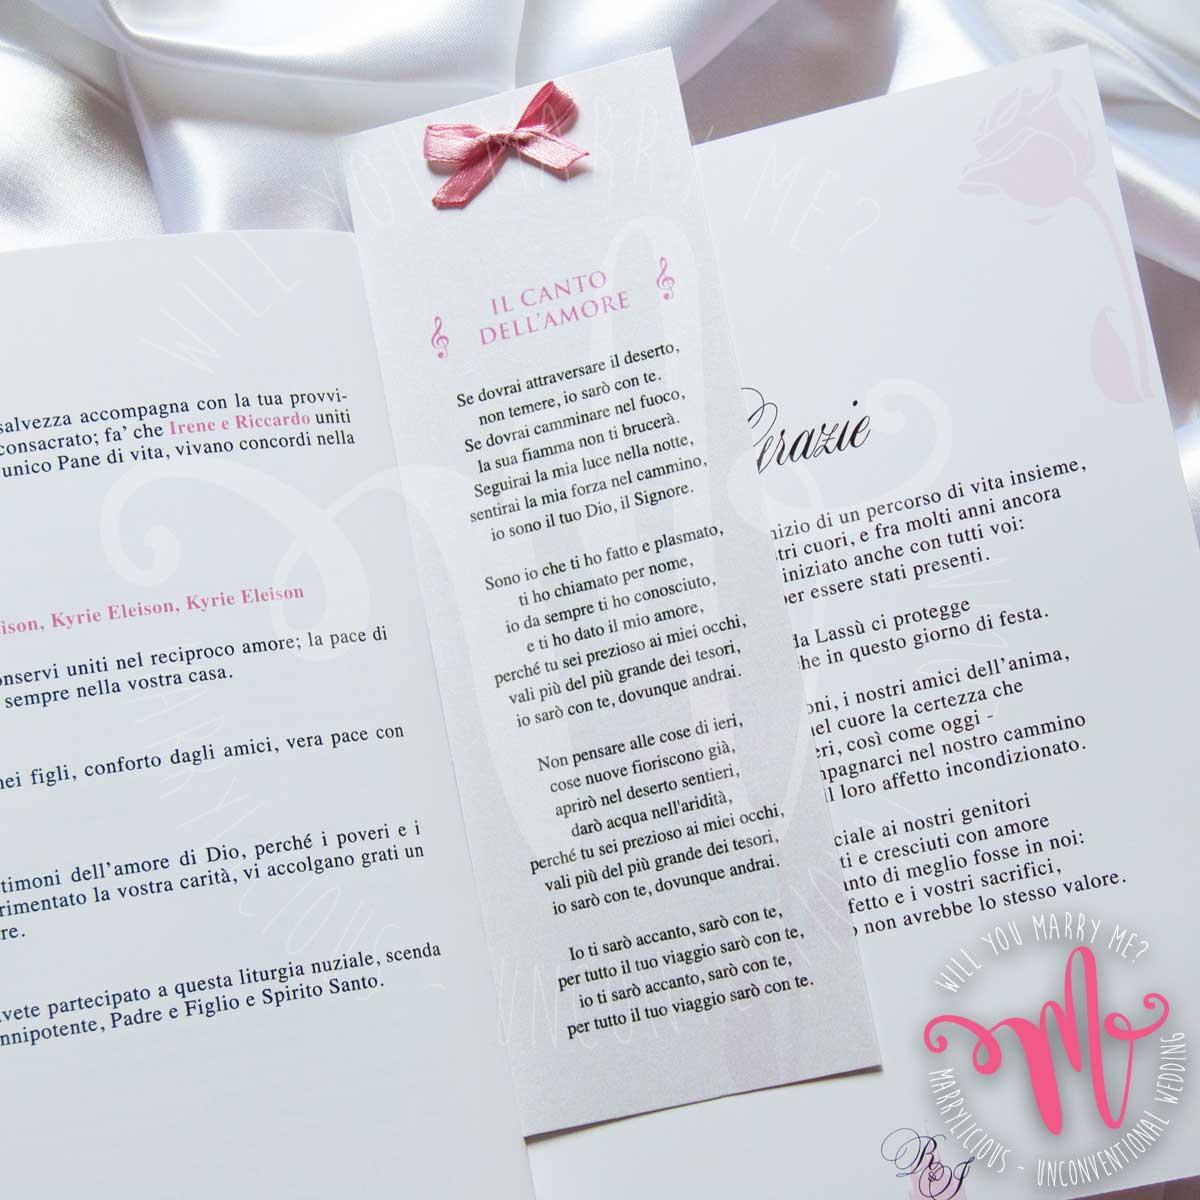 libretto messa matrimonio